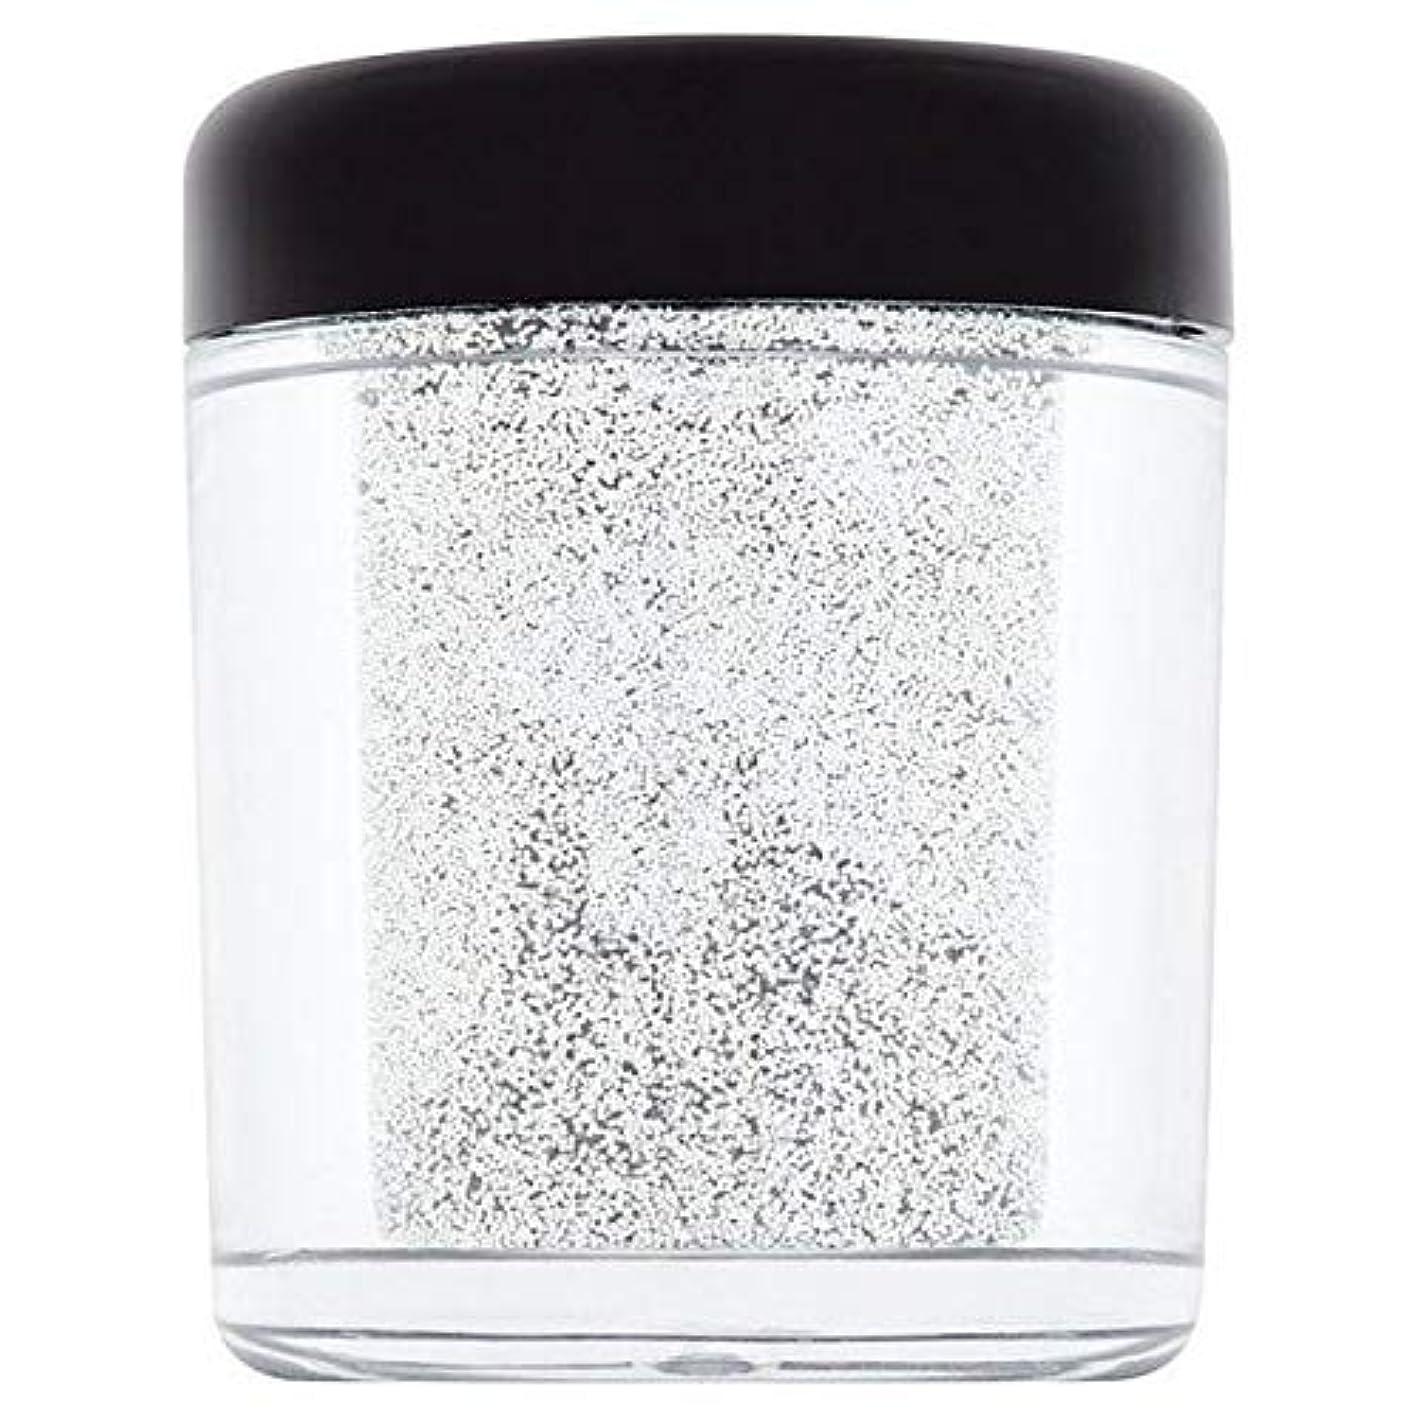 民主主義風景記念品[Collection ] 天使2を回収グラムの結晶は、フェイス&ボディの輝きが落ち - Collection Glam Crystals Face & Body Glitter Fallen Angel 2 [並行輸入品]